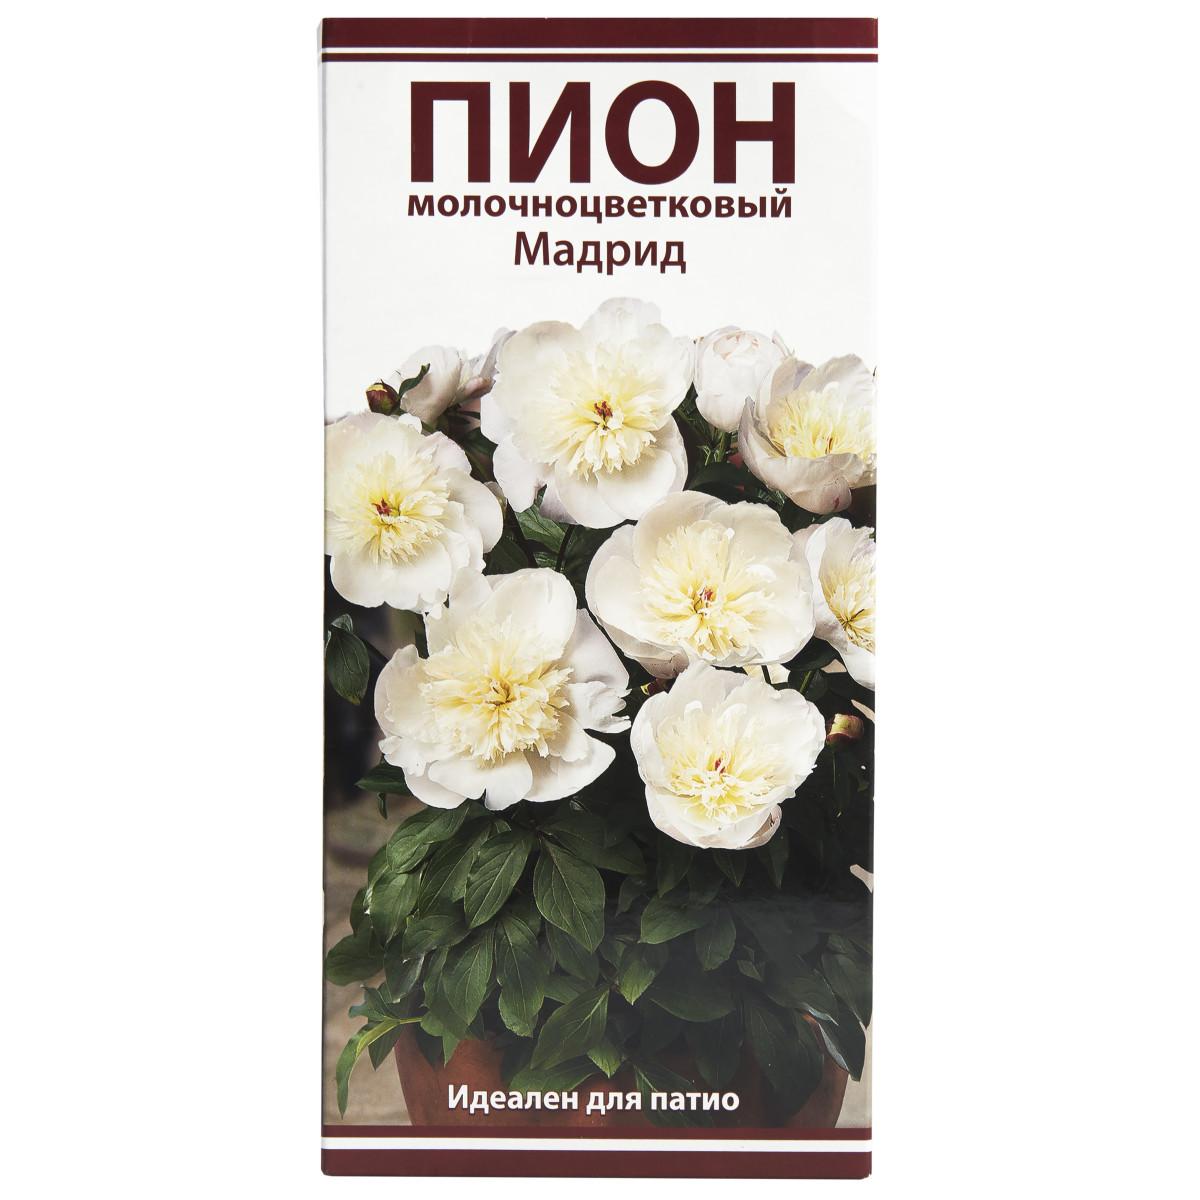 оренбург магазин чиполлино корневища семена пионов купить